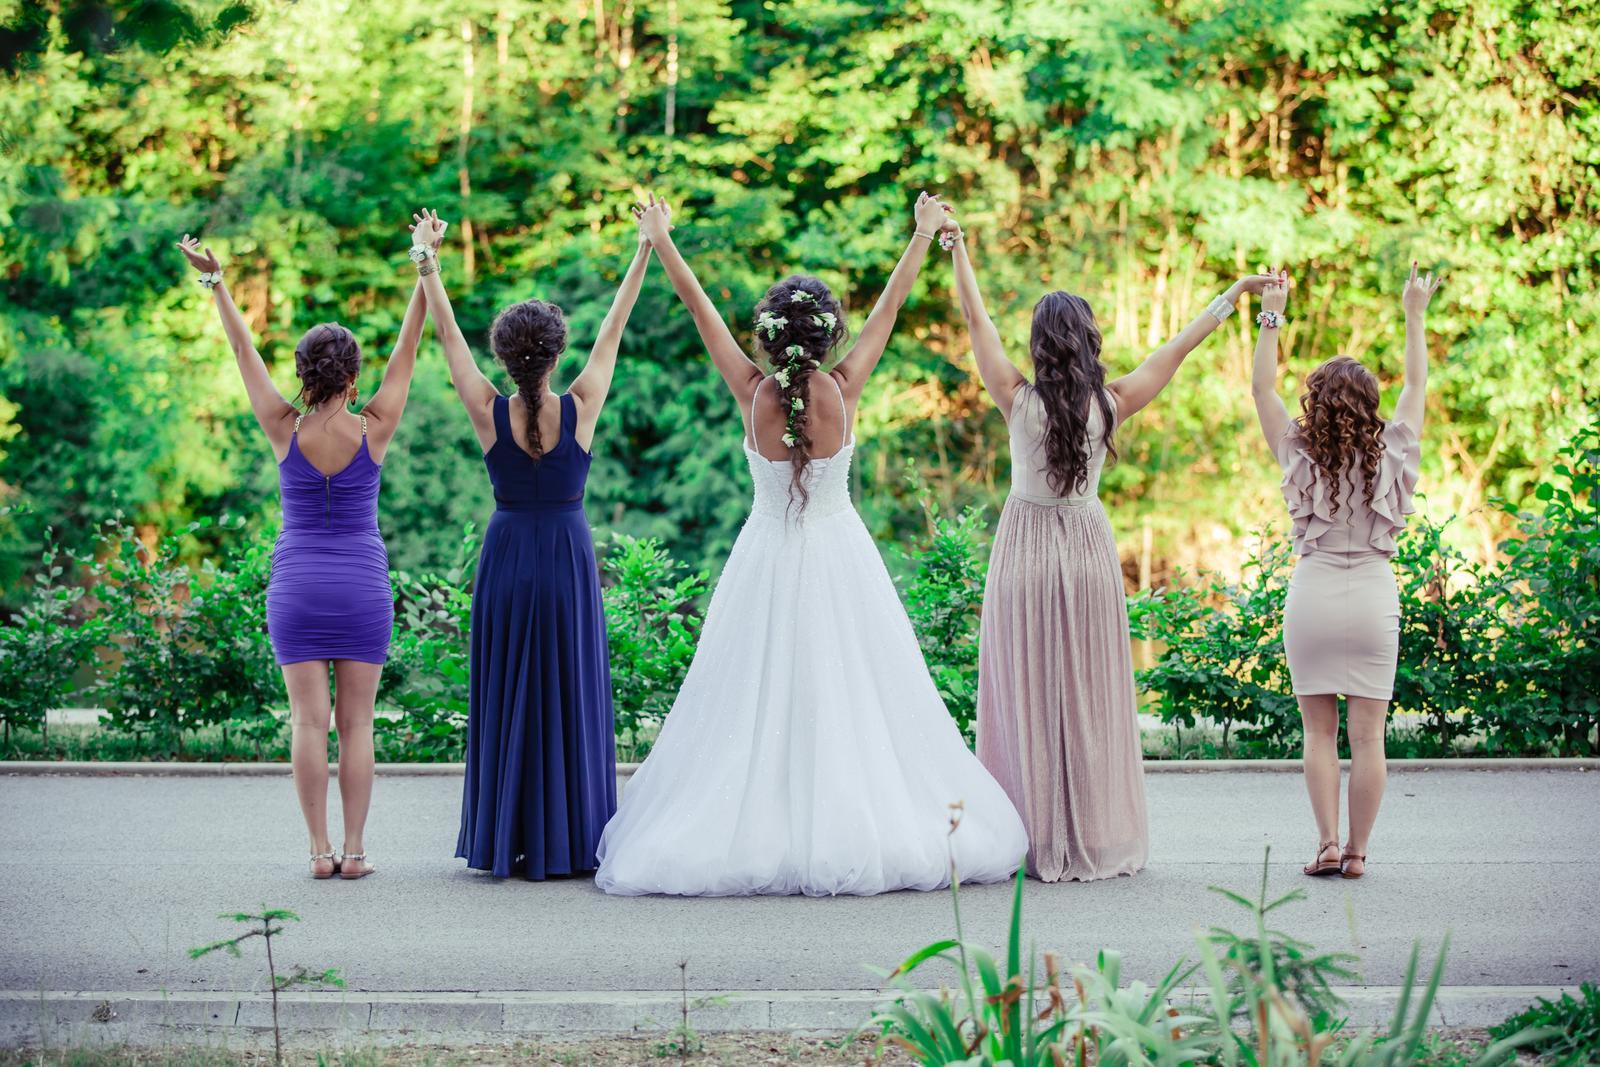 Naša svadba 1.7.2017 - Obrázok č. 2